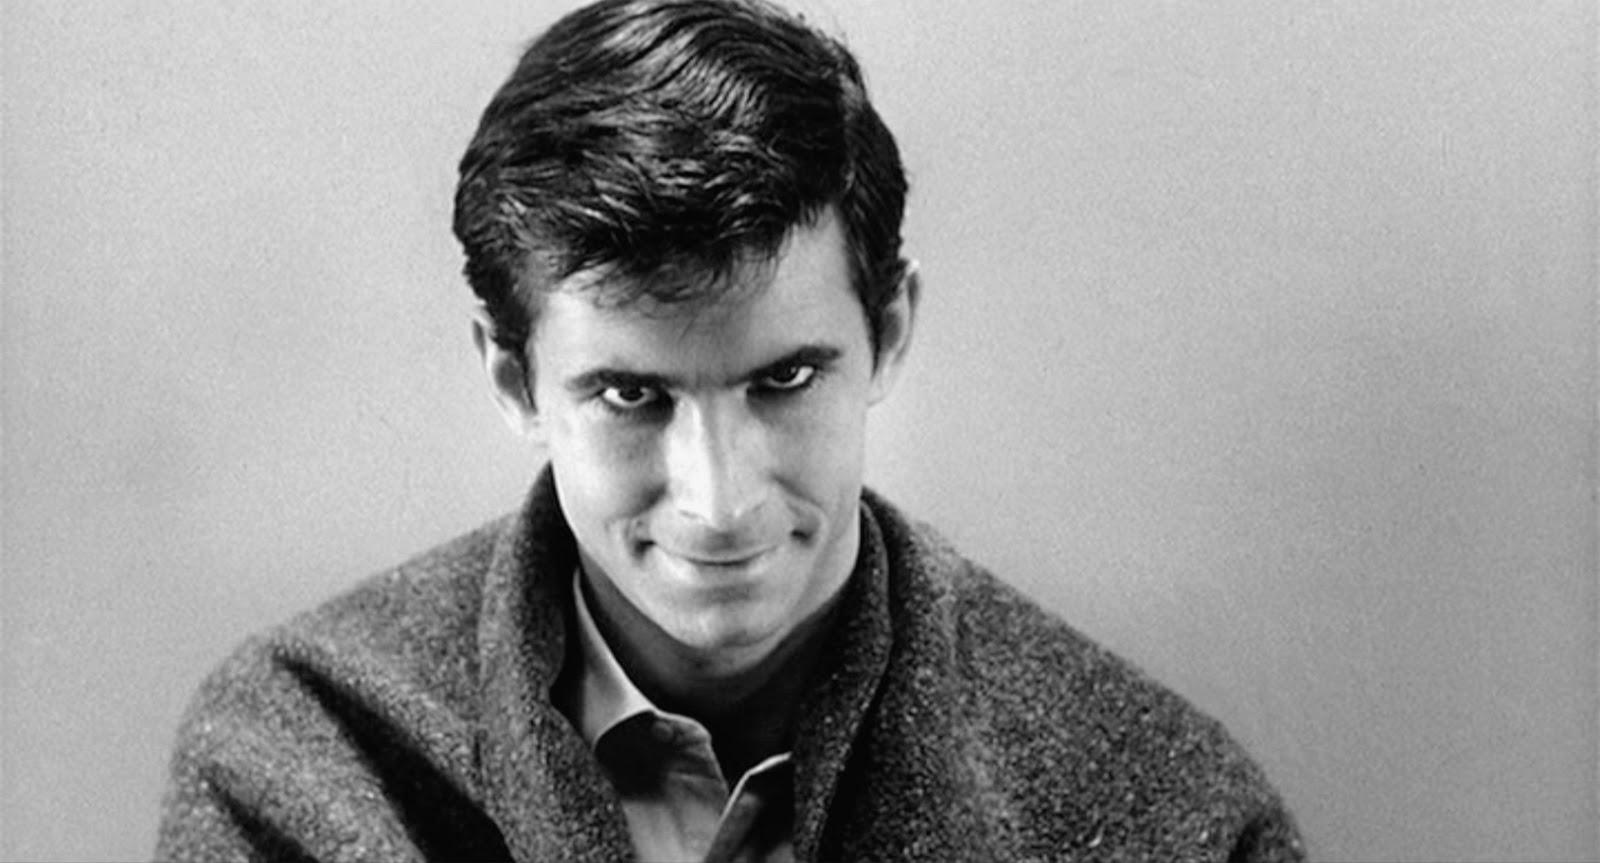 Norman Bates, Psycho